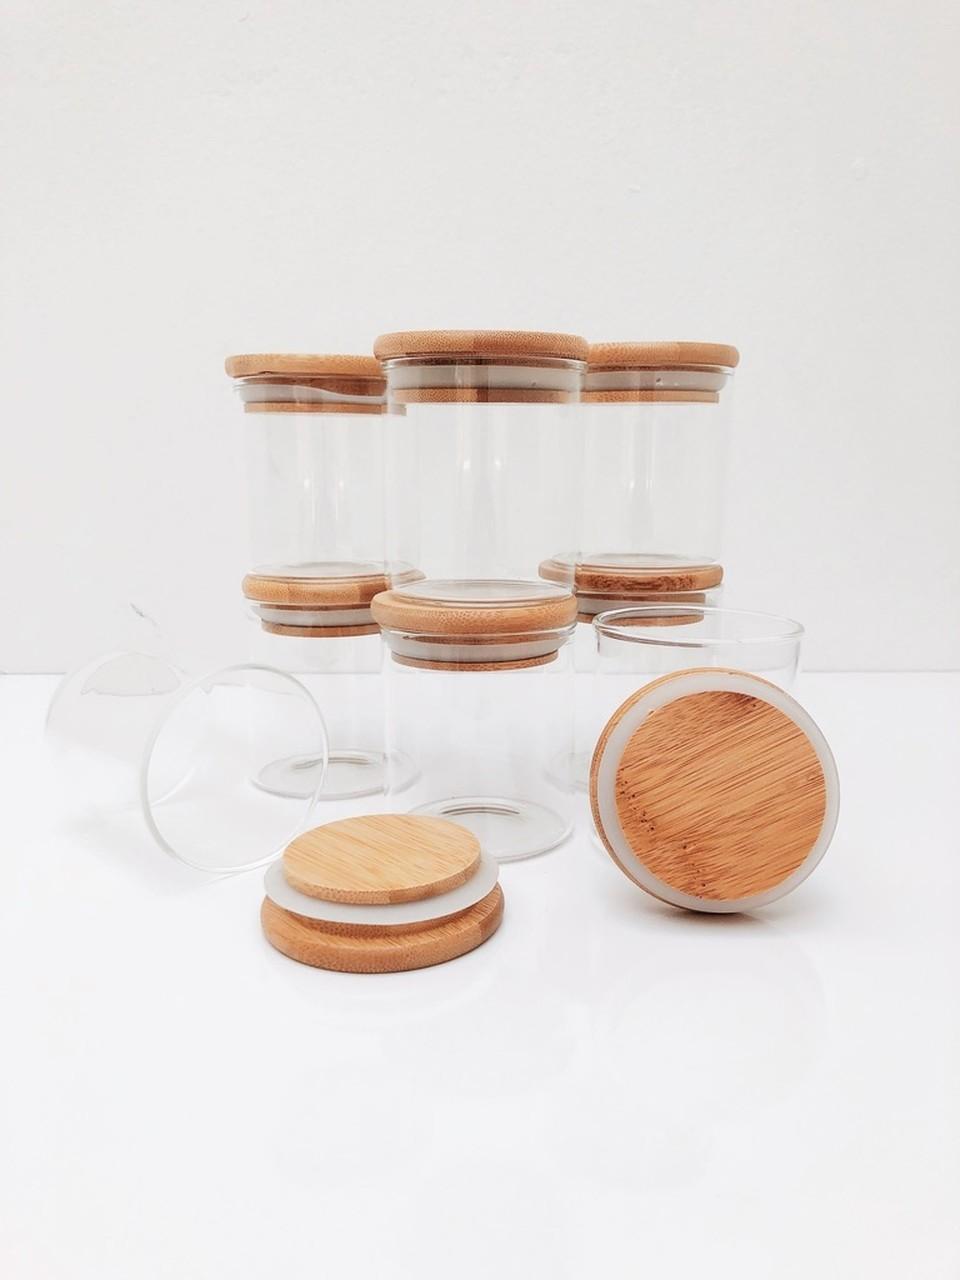 Kit Pote de Vidro com Tampa de Bambu 200ml - 8 Peças  - CASACOBRE